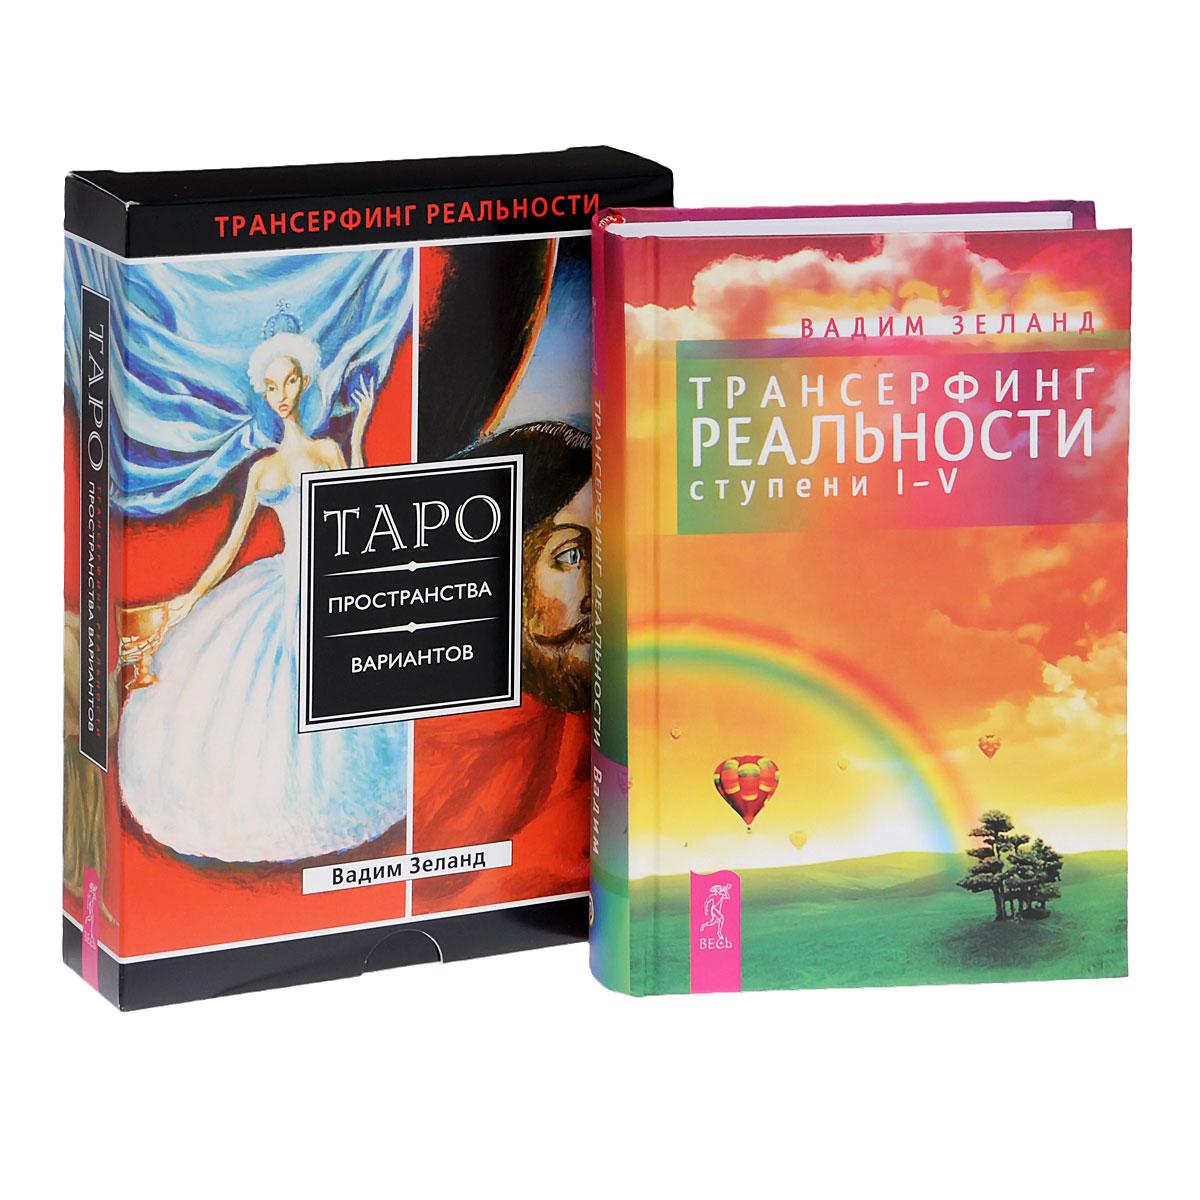 Трансерфинг реальности. Ступень I-V. Таро пространства вариантов (комплект из 2 книг + 78 карт). Вадим Зеланд